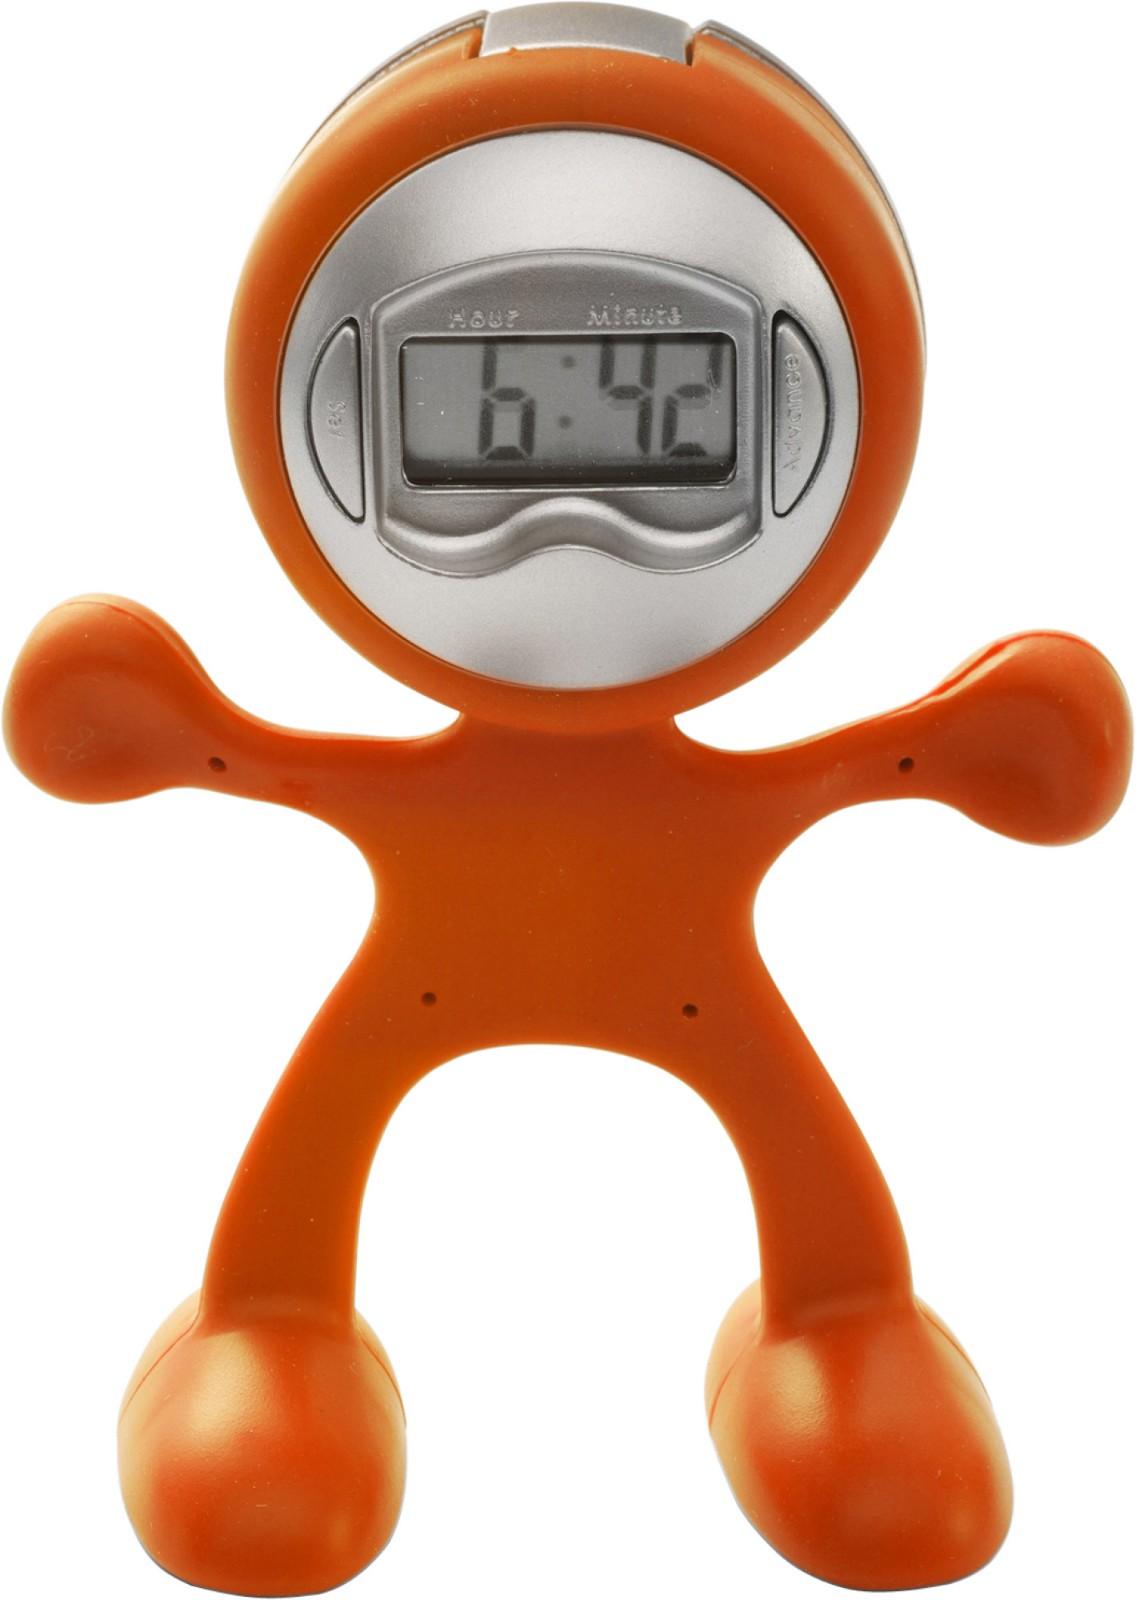 ABS clock - Orange